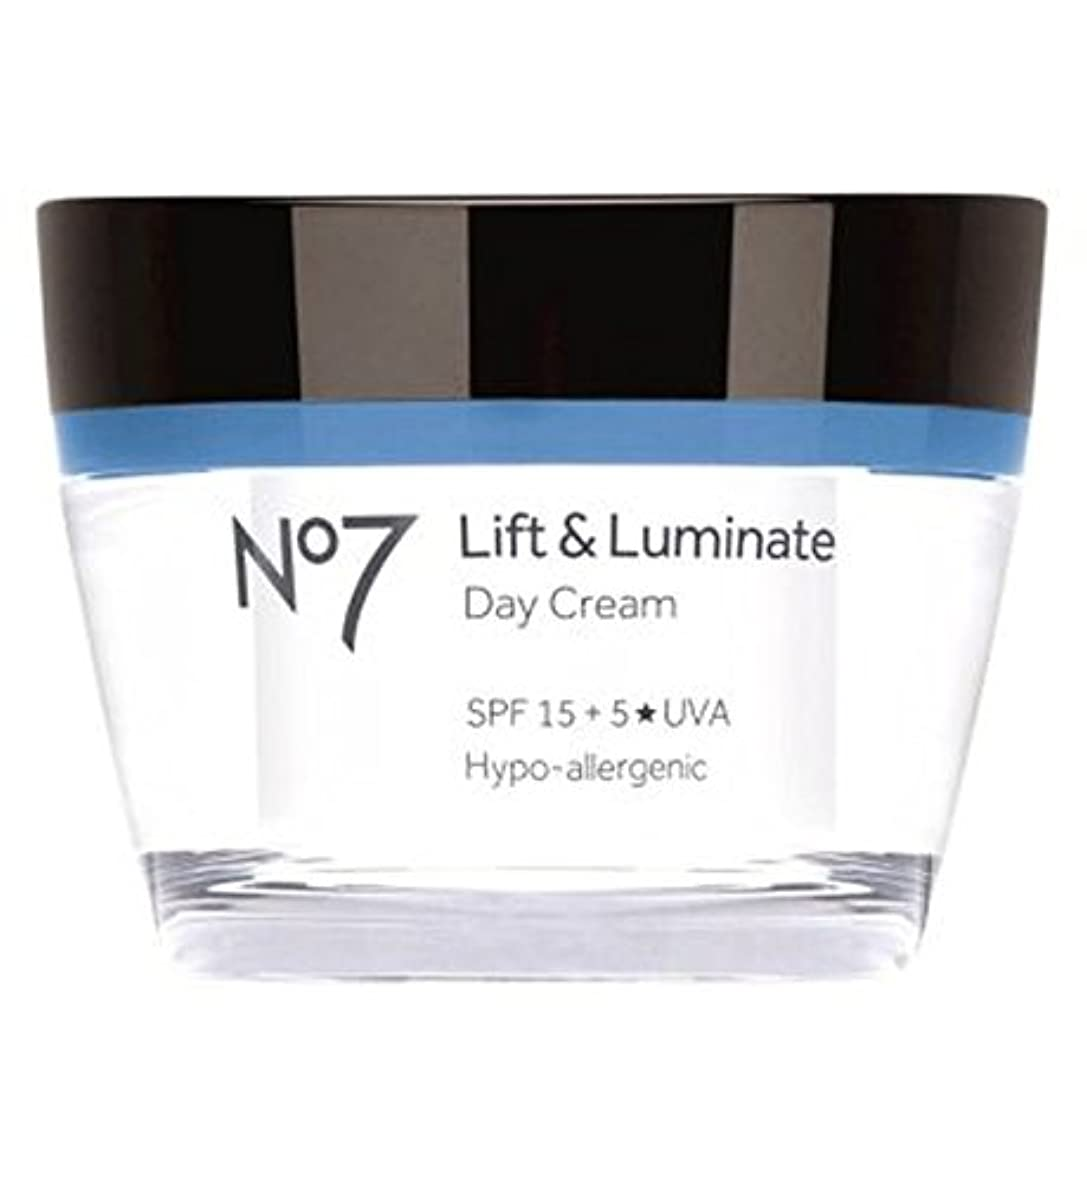 ソースパッケージ最大No7 Lift & Luminate Day Cream SPF 15 - No7リフト&LuminateデイクリームSpf 15 (No7) [並行輸入品]